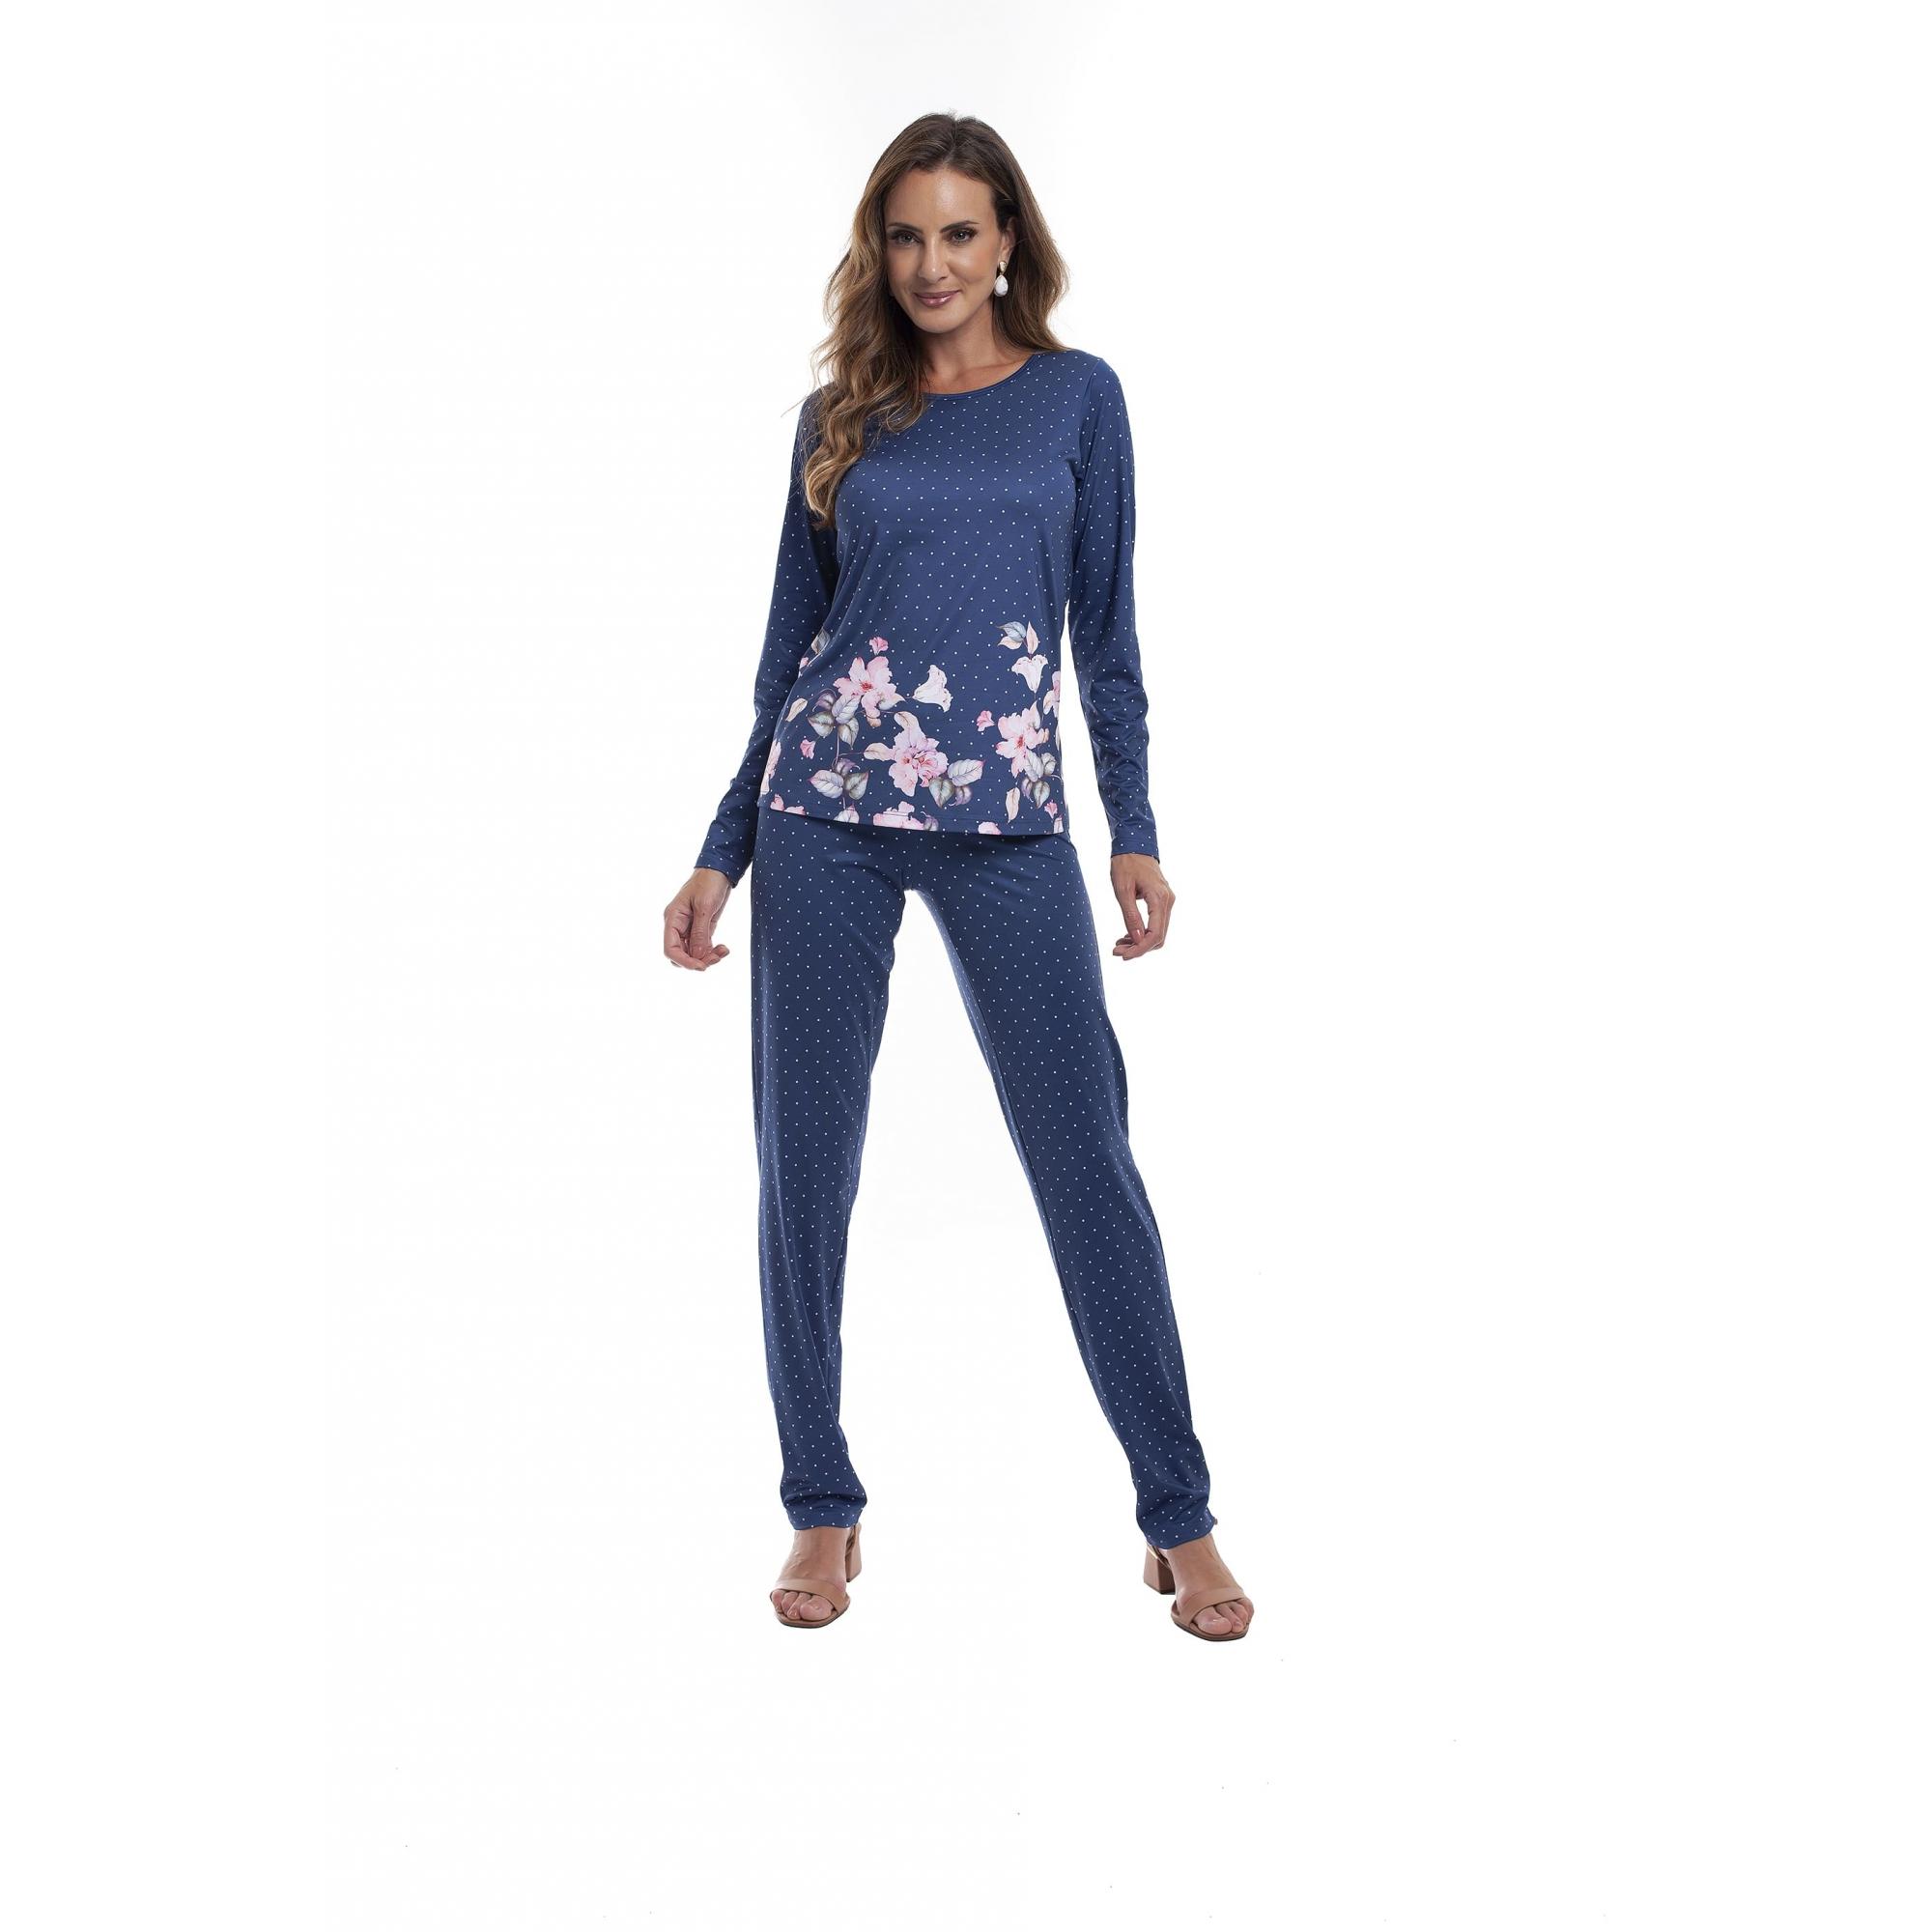 Pijama Feminino Adulto Estampado Floral e Poa Marinho com Branco em Tecido Sublime Soft 27765